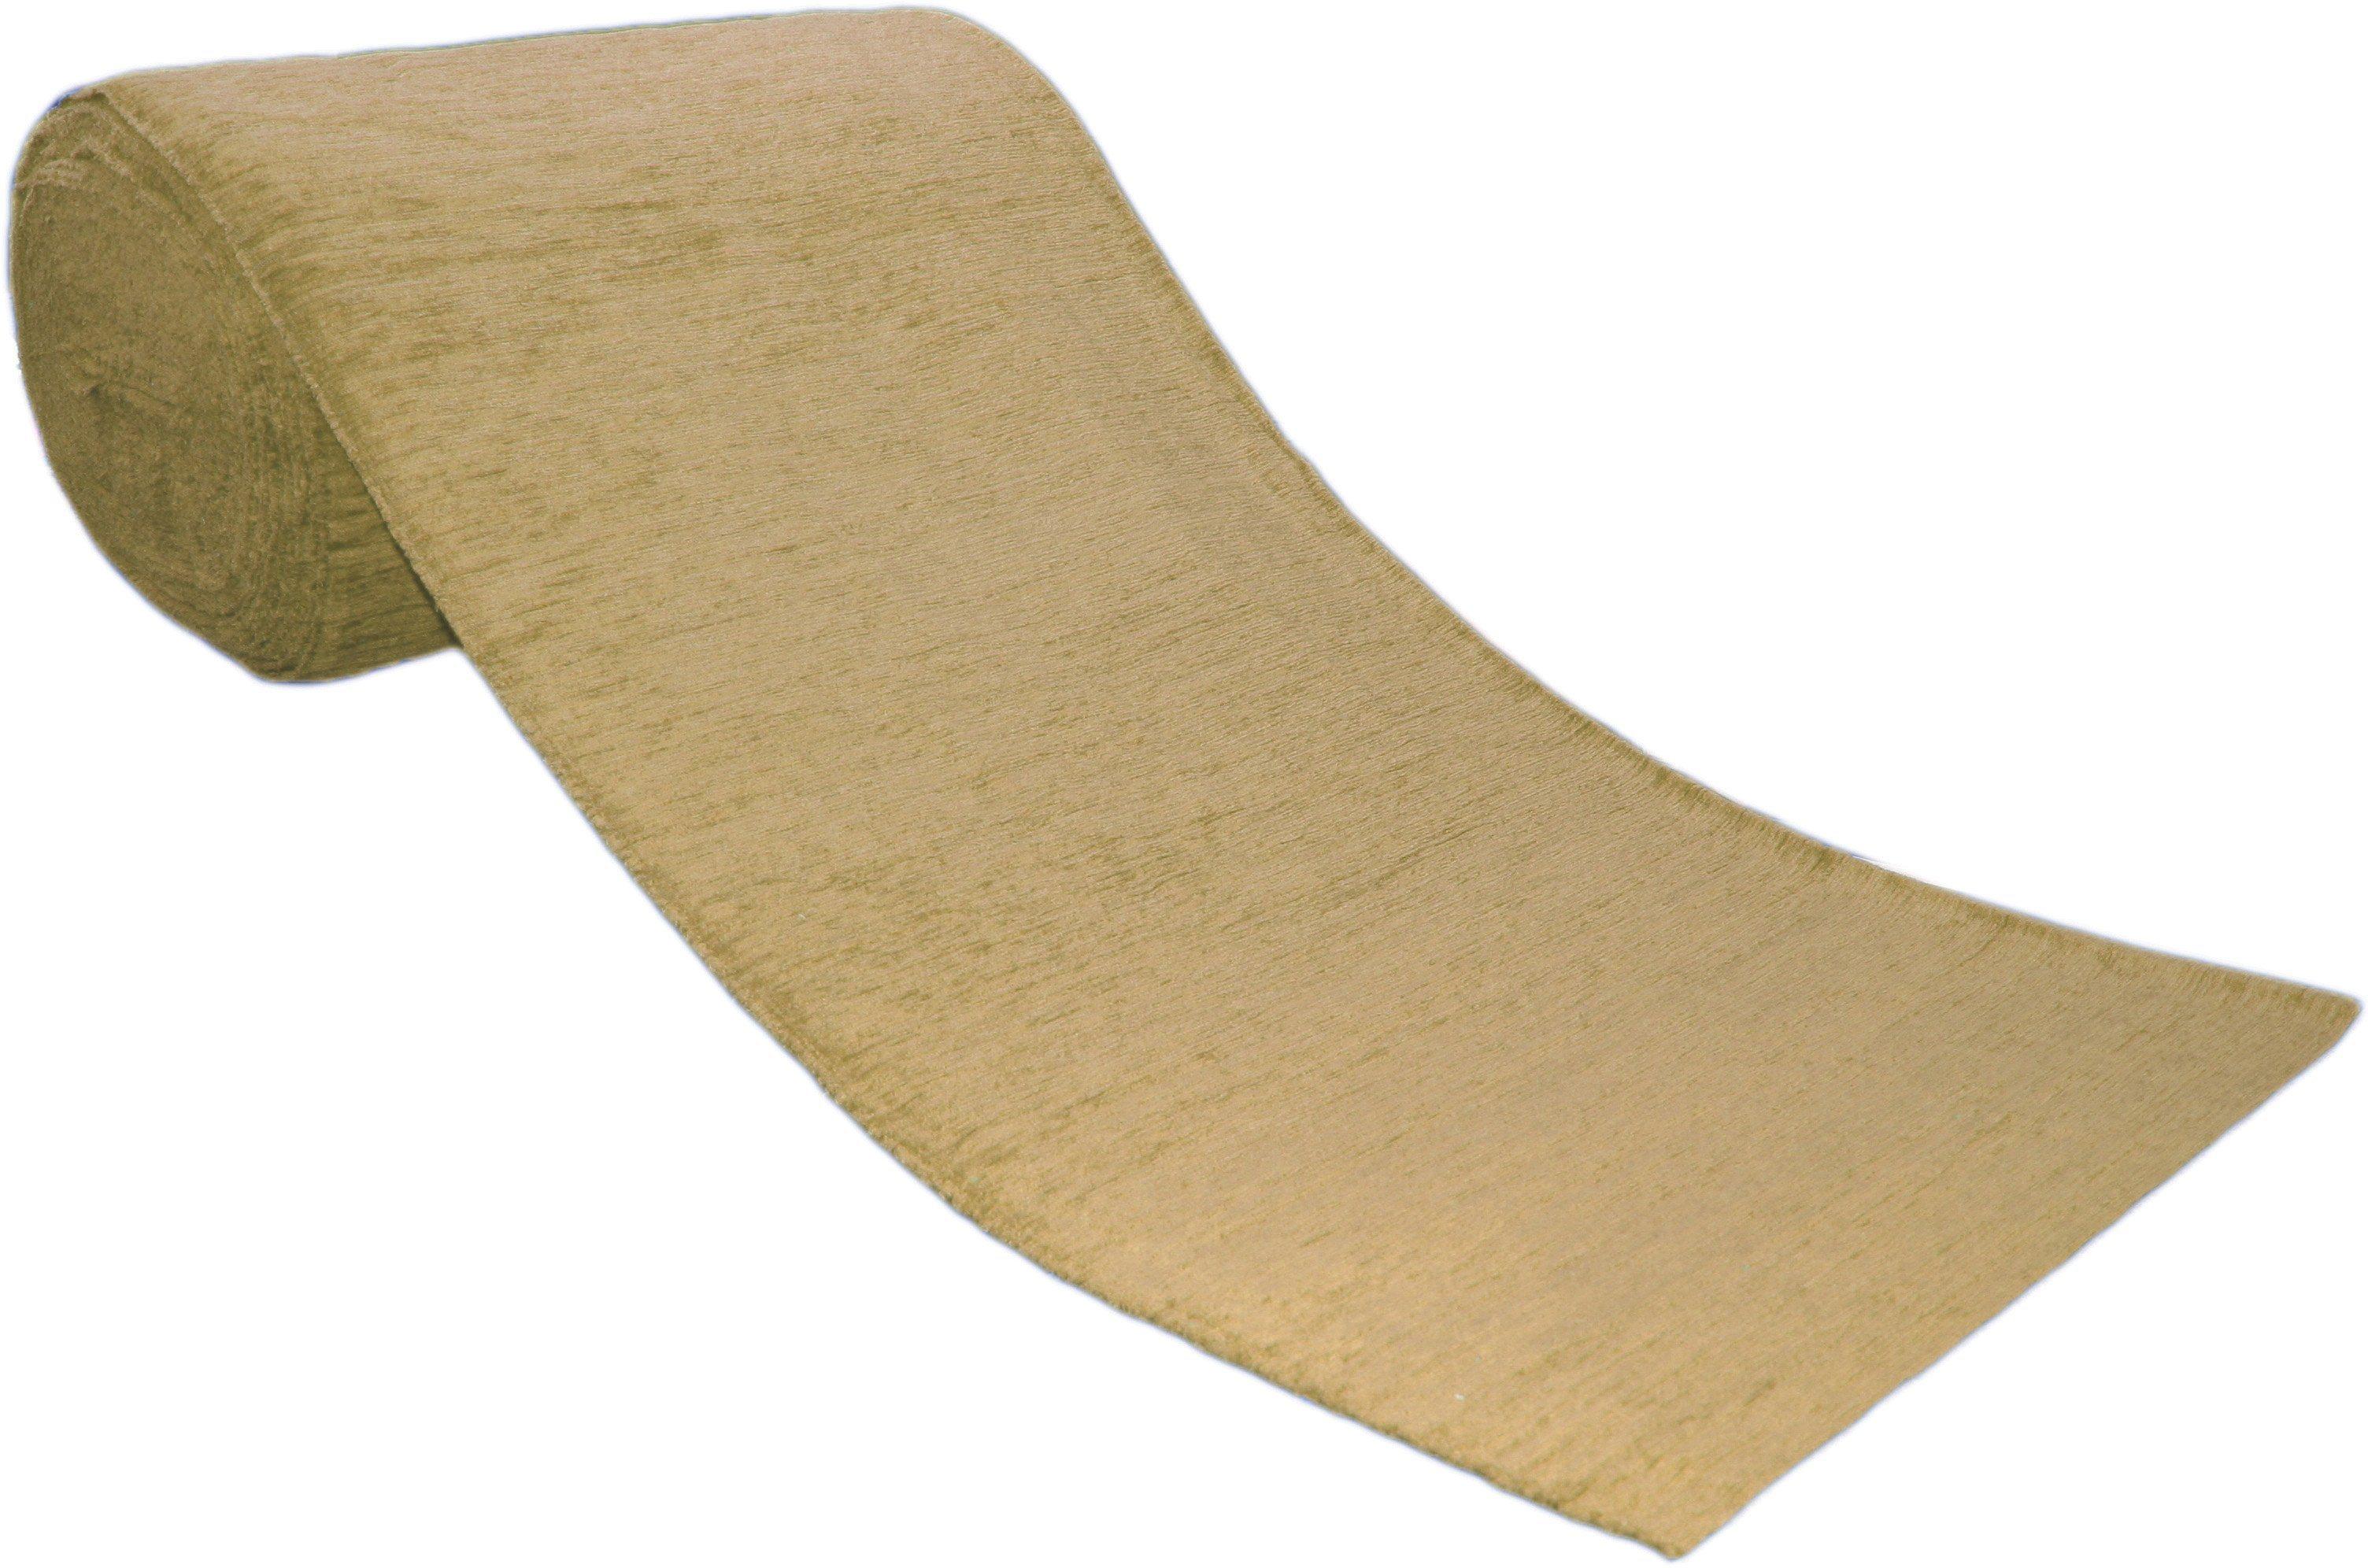 thermo vorhang gebraucht oder neu kaufen und sparen preise vergleichen. Black Bedroom Furniture Sets. Home Design Ideas